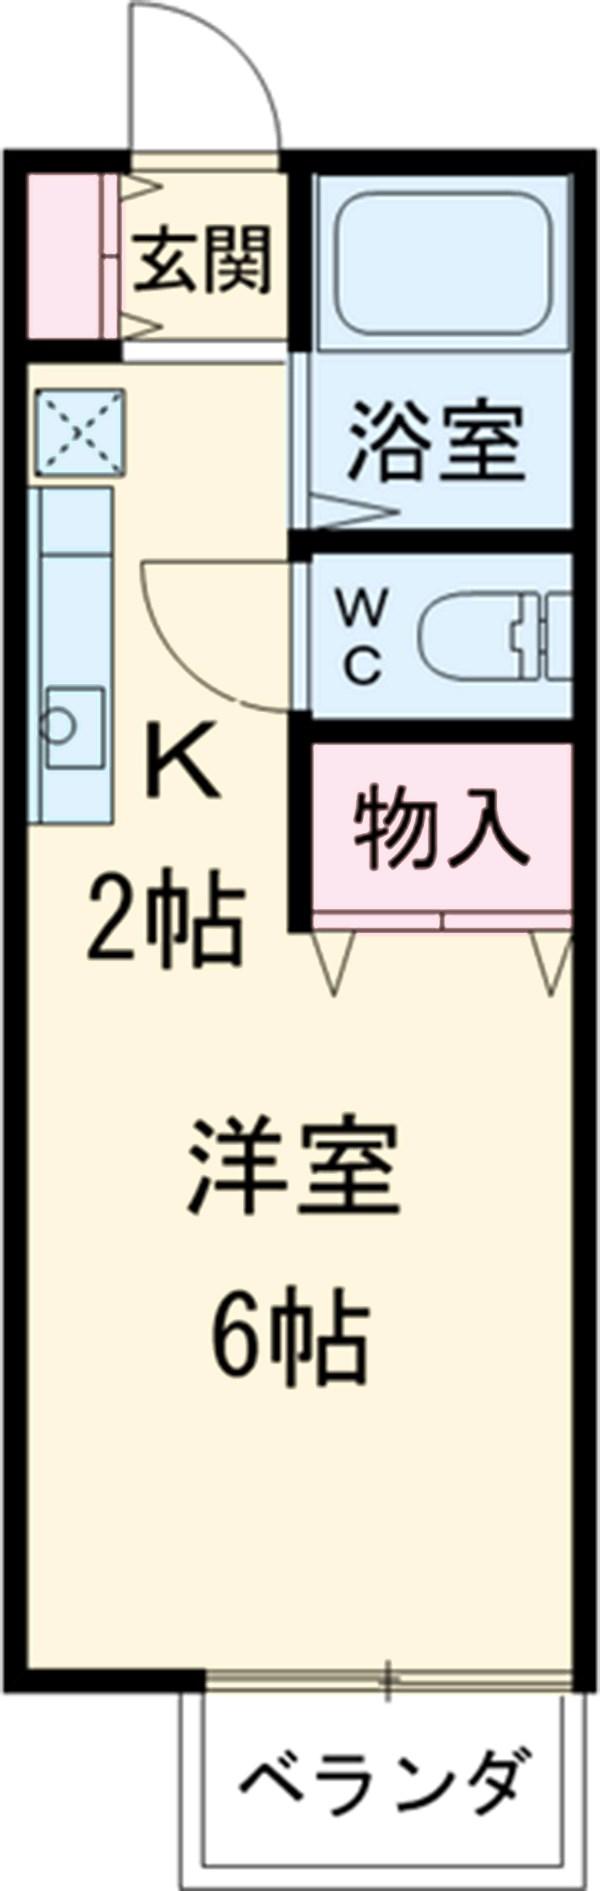 ウェルネス横浜・202号室の間取り